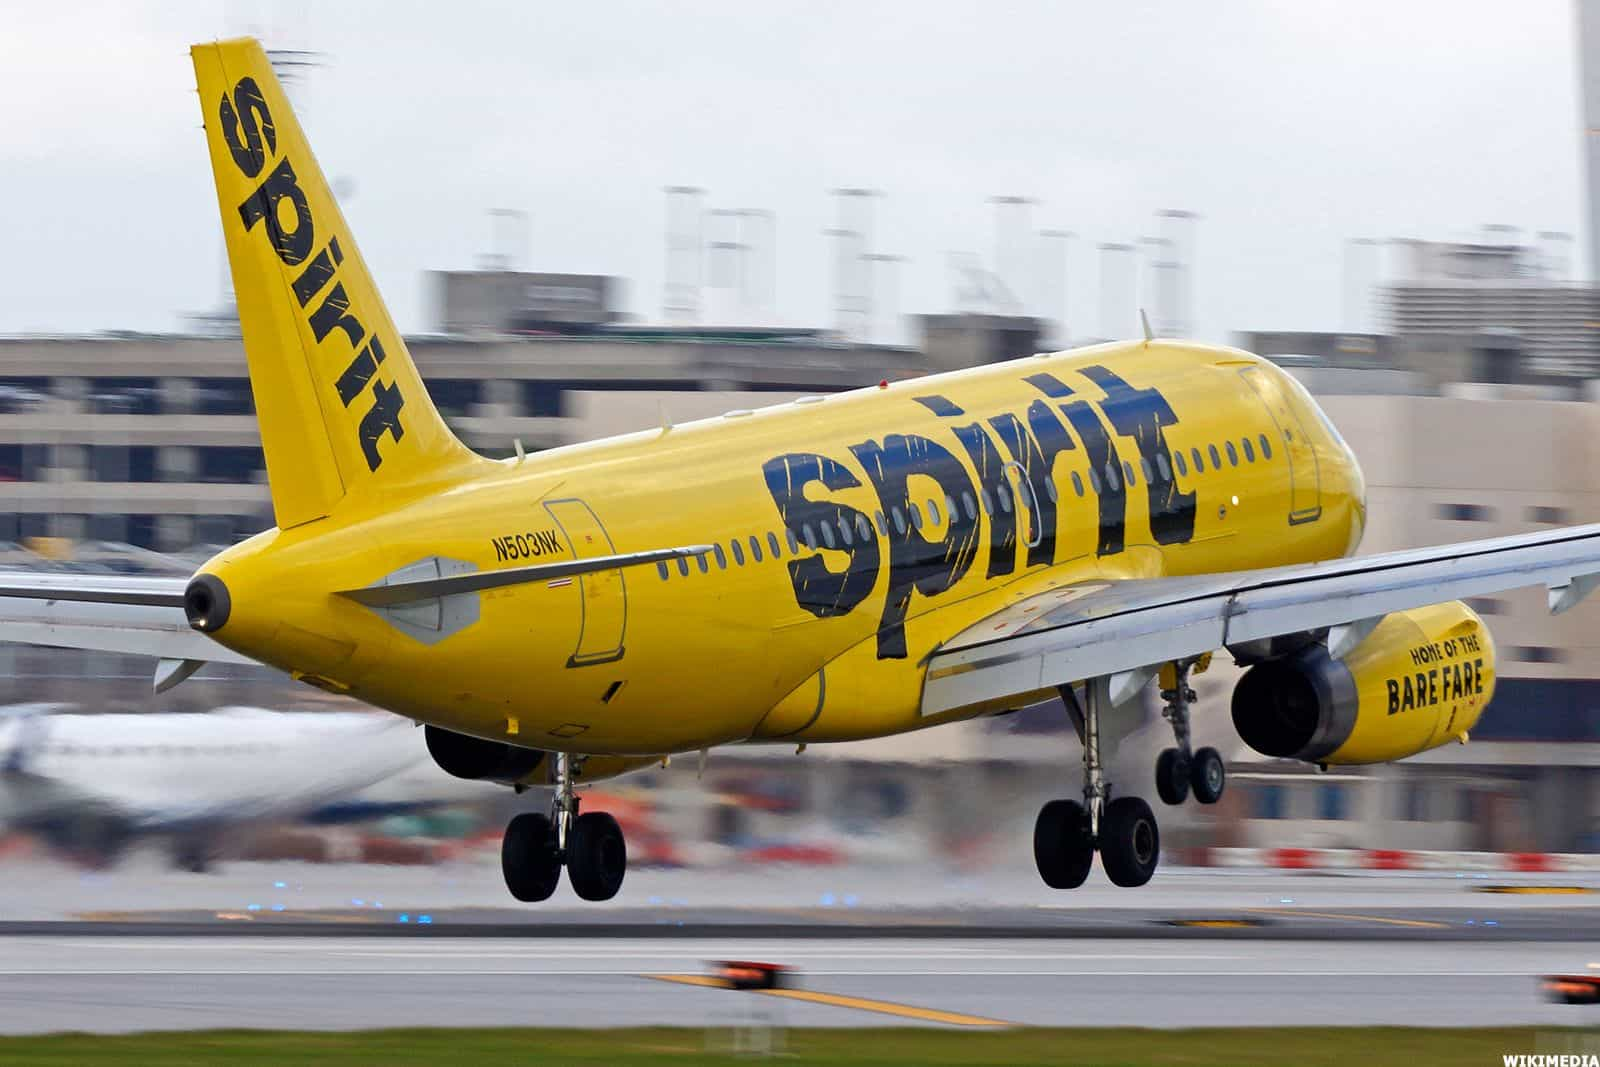 Les compagnies aériennes ultra low-cost ont les avions les plus récents